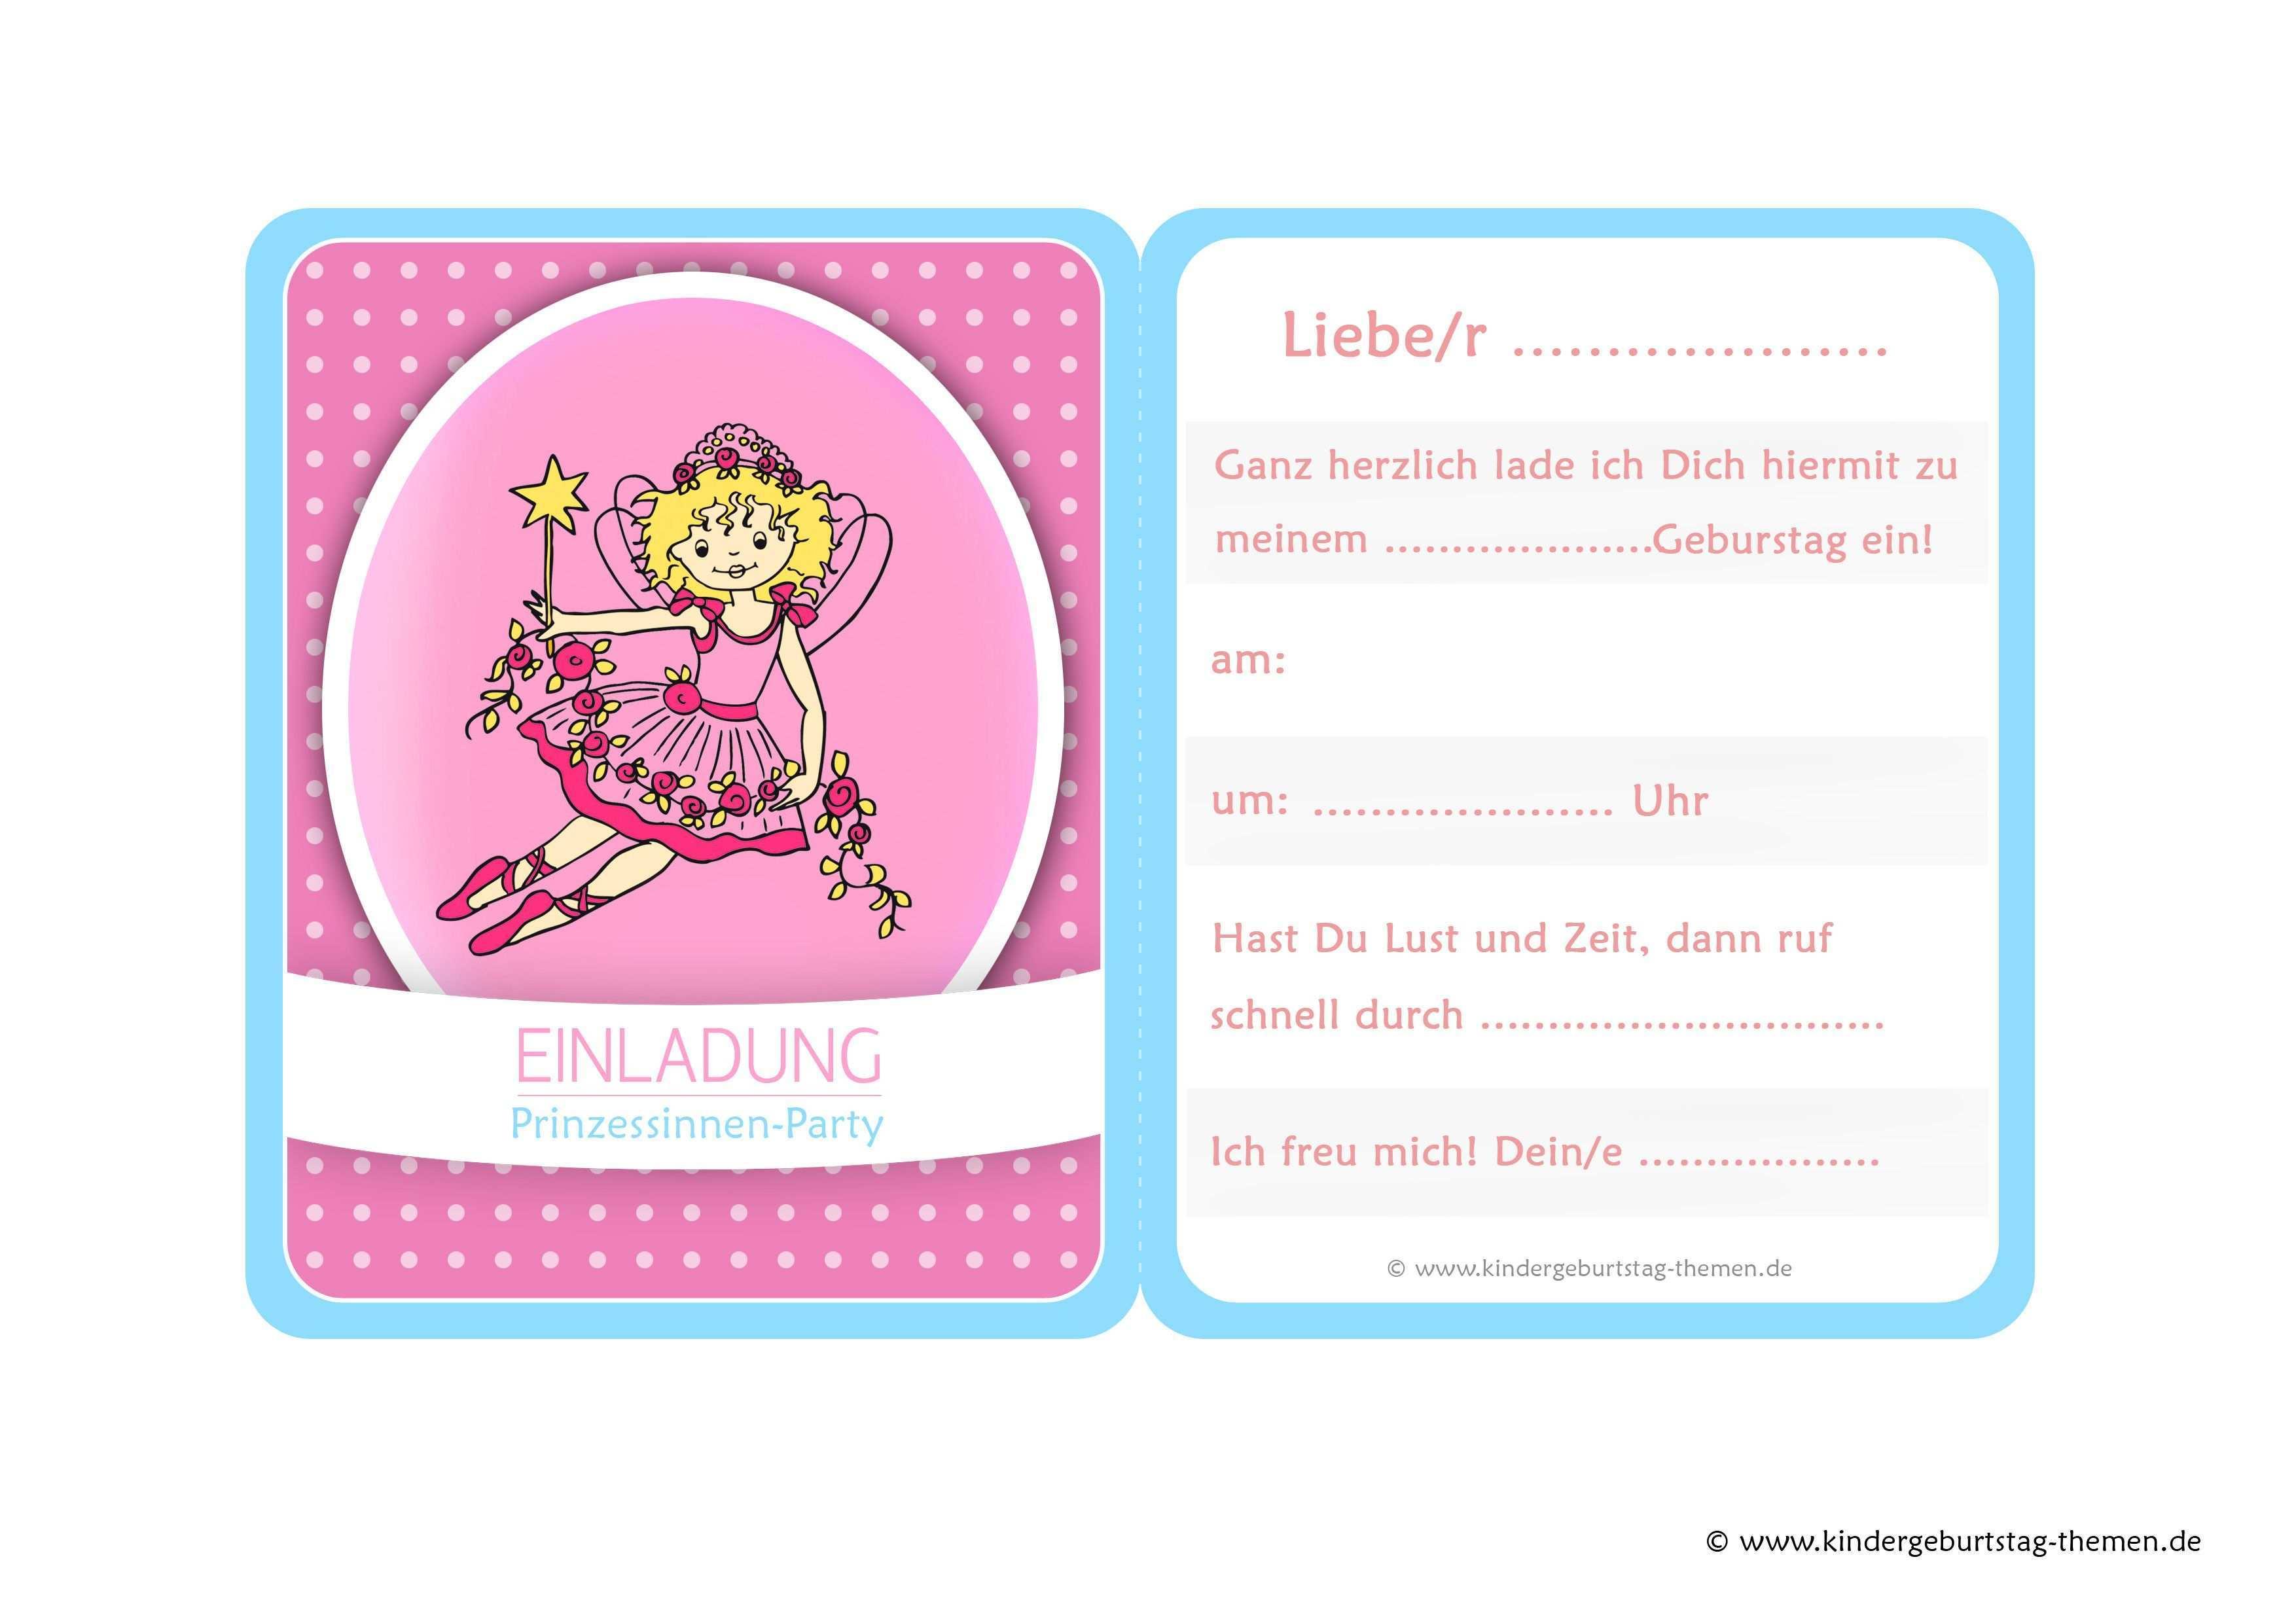 Prinzessin Einladung Vier Kostenlose Vorlagen Zum Ausdrucken Einladung Kindergeburtstag Kostenlos Einladungskarten Kindergeburtstag Einladung Kindergeburtstag